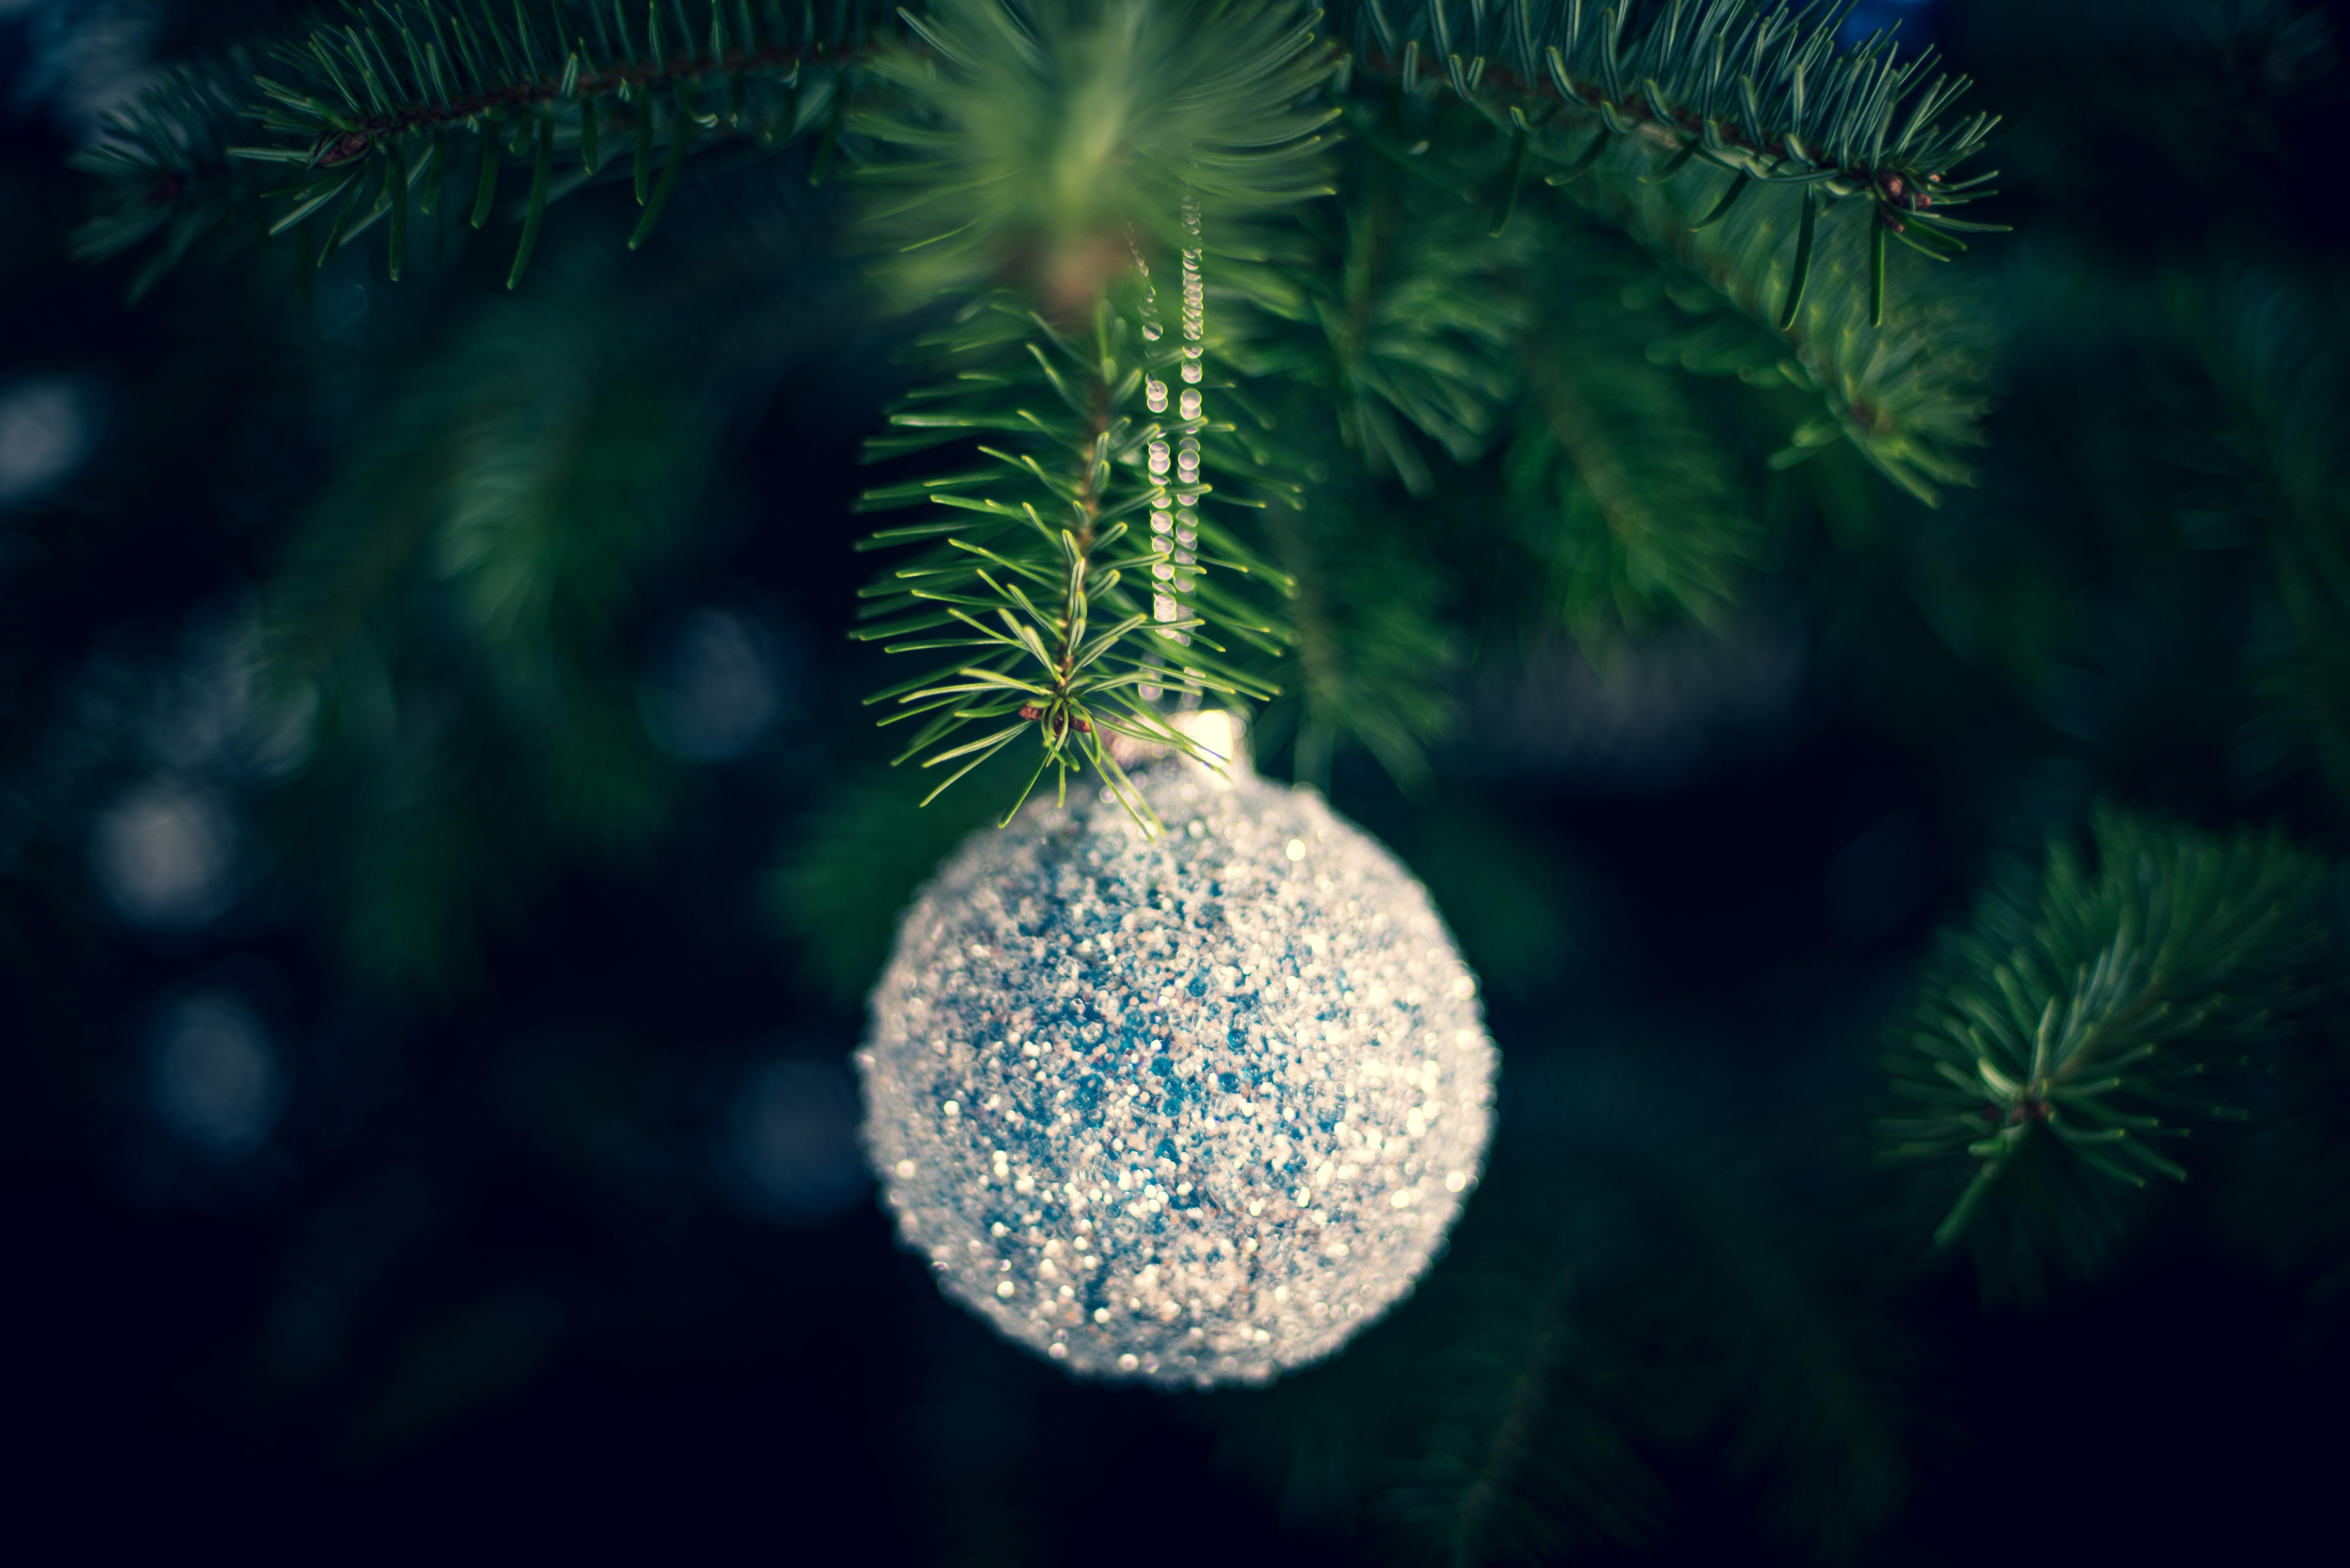 96331 Salvapantallas y fondos de pantalla Año Nuevo en tu teléfono. Descarga imágenes de Vacaciones, Bola, Pelota, Decoración, Árbol De Navidad, Año Nuevo, Navidad gratis